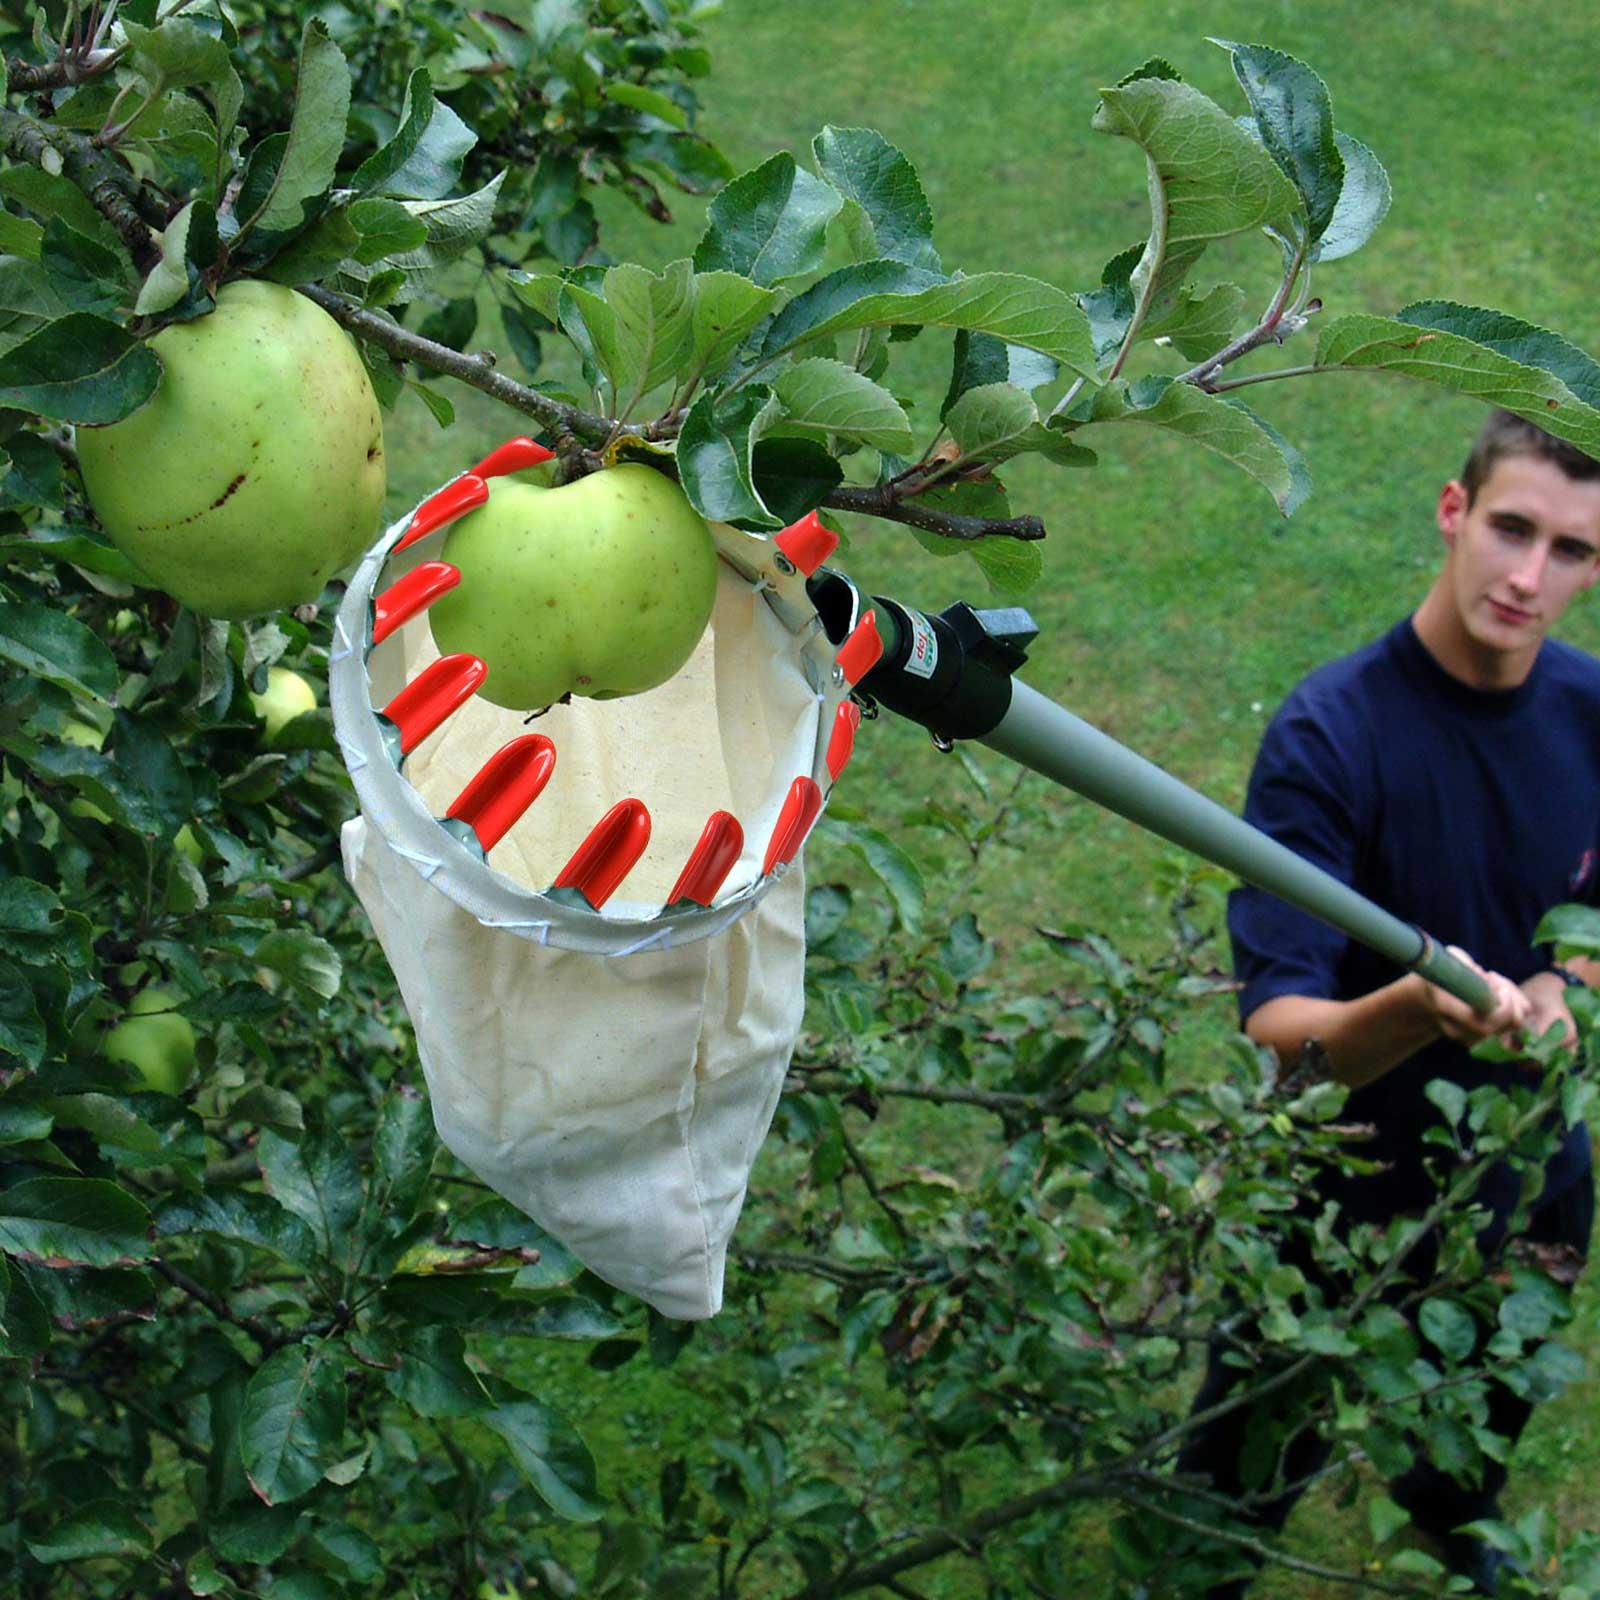 Fruit Picker Basket Amp Handle Harrod Horticultural Uk